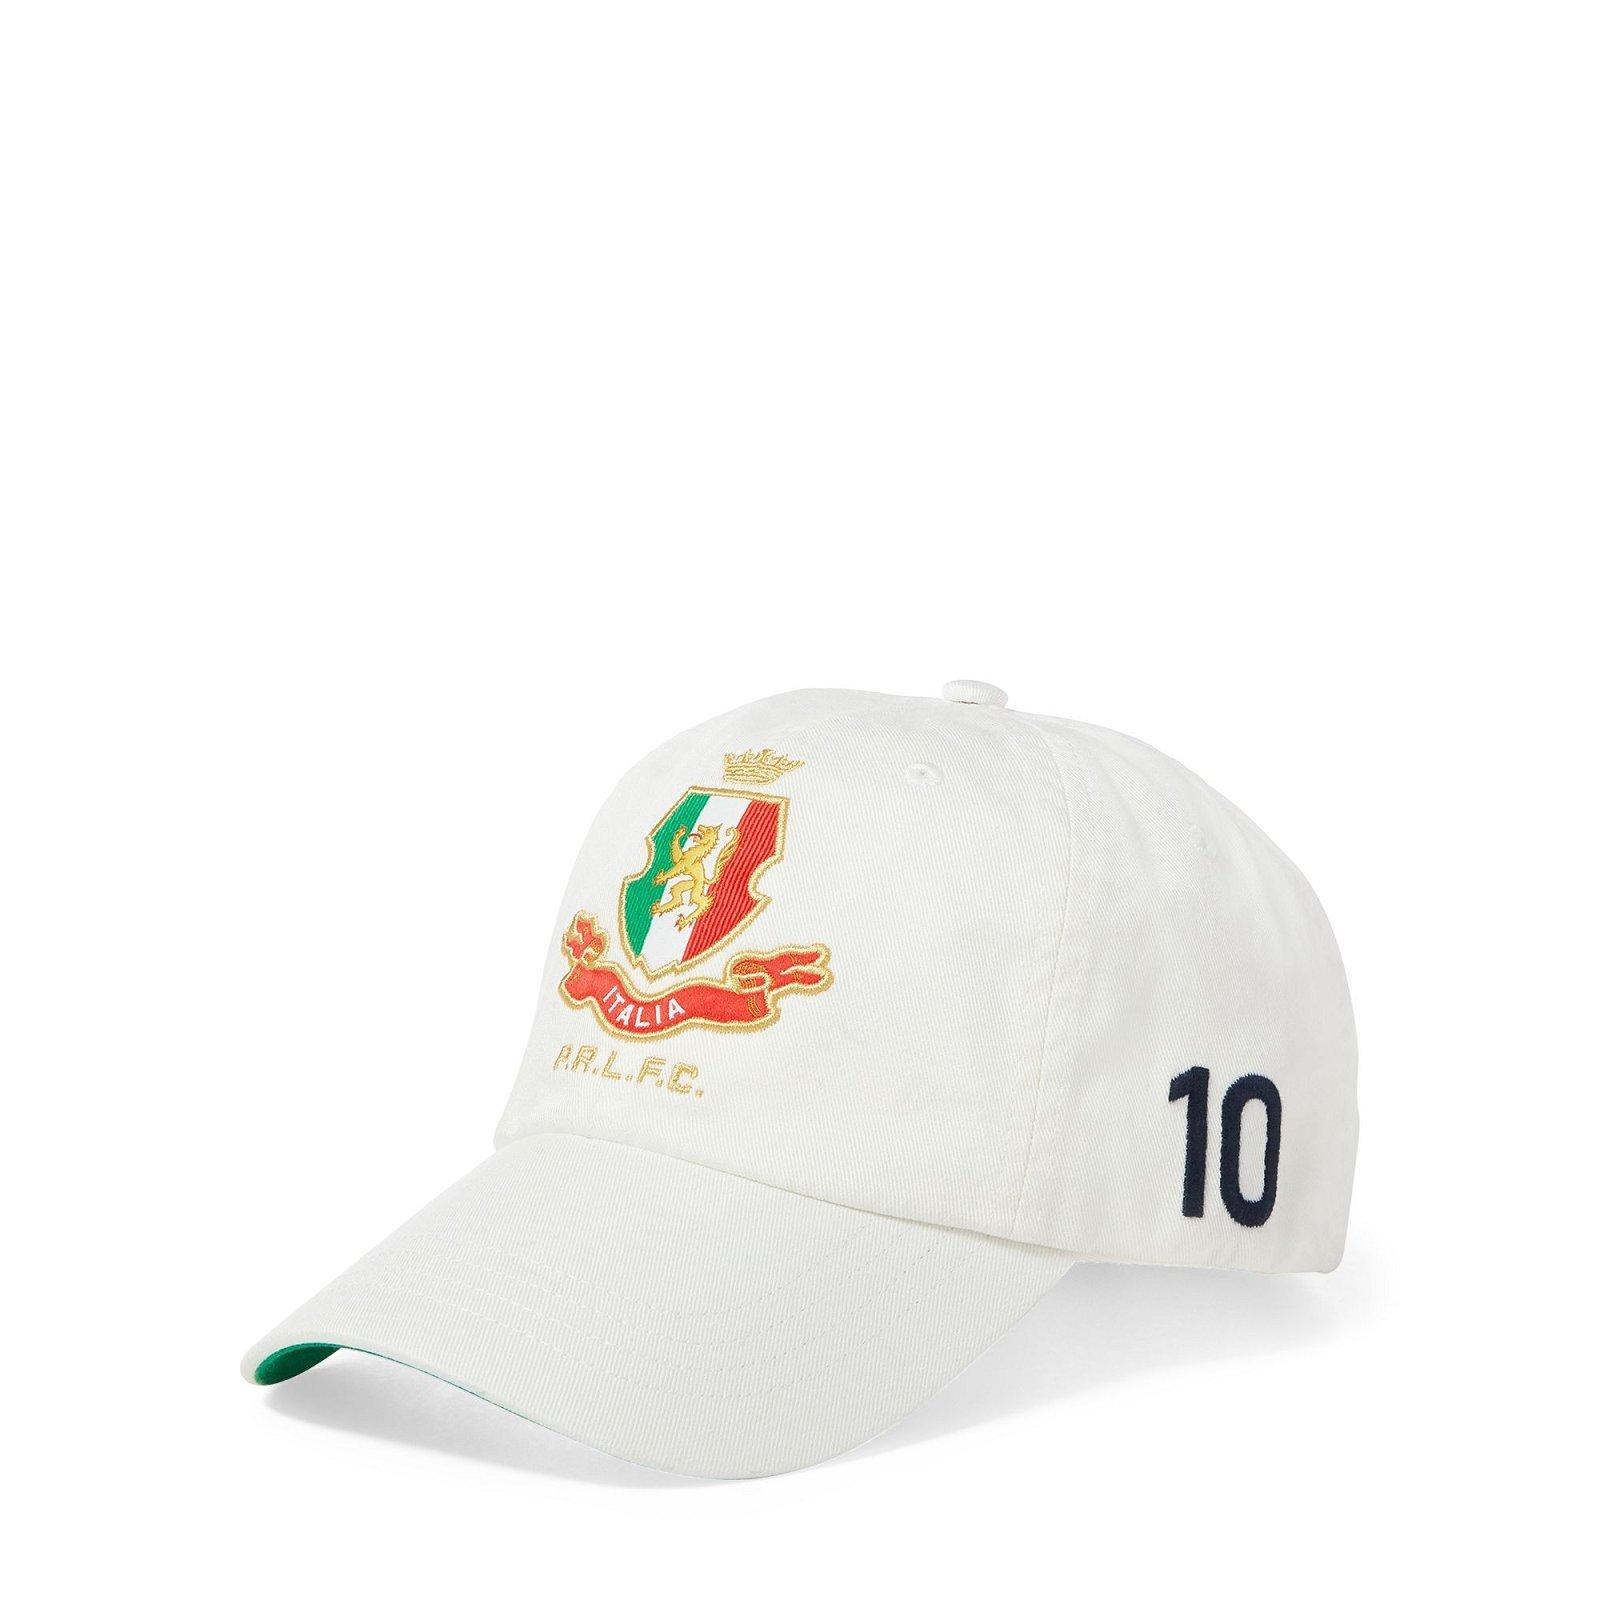 767fd2a1bfdd Casquette Italy en coton chino. Casquette coupe du monde de foot unisexe Ralph  Lauren